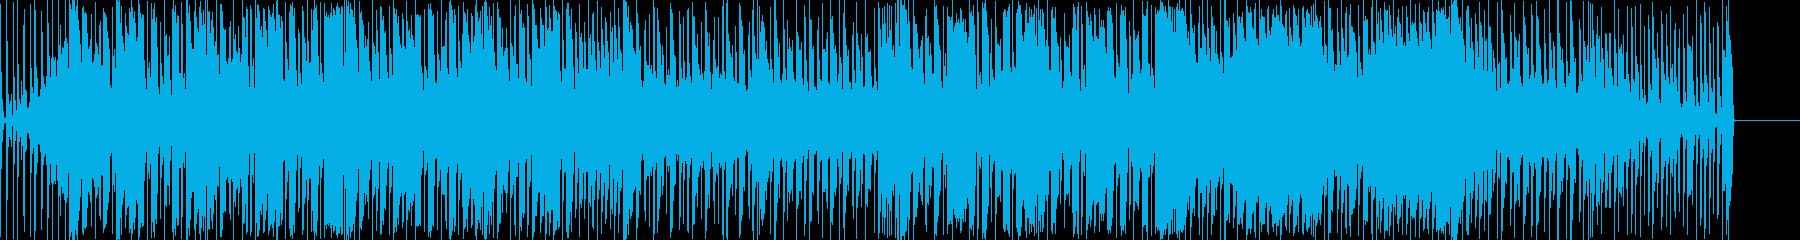 弾ける感じの明るいポップスの再生済みの波形